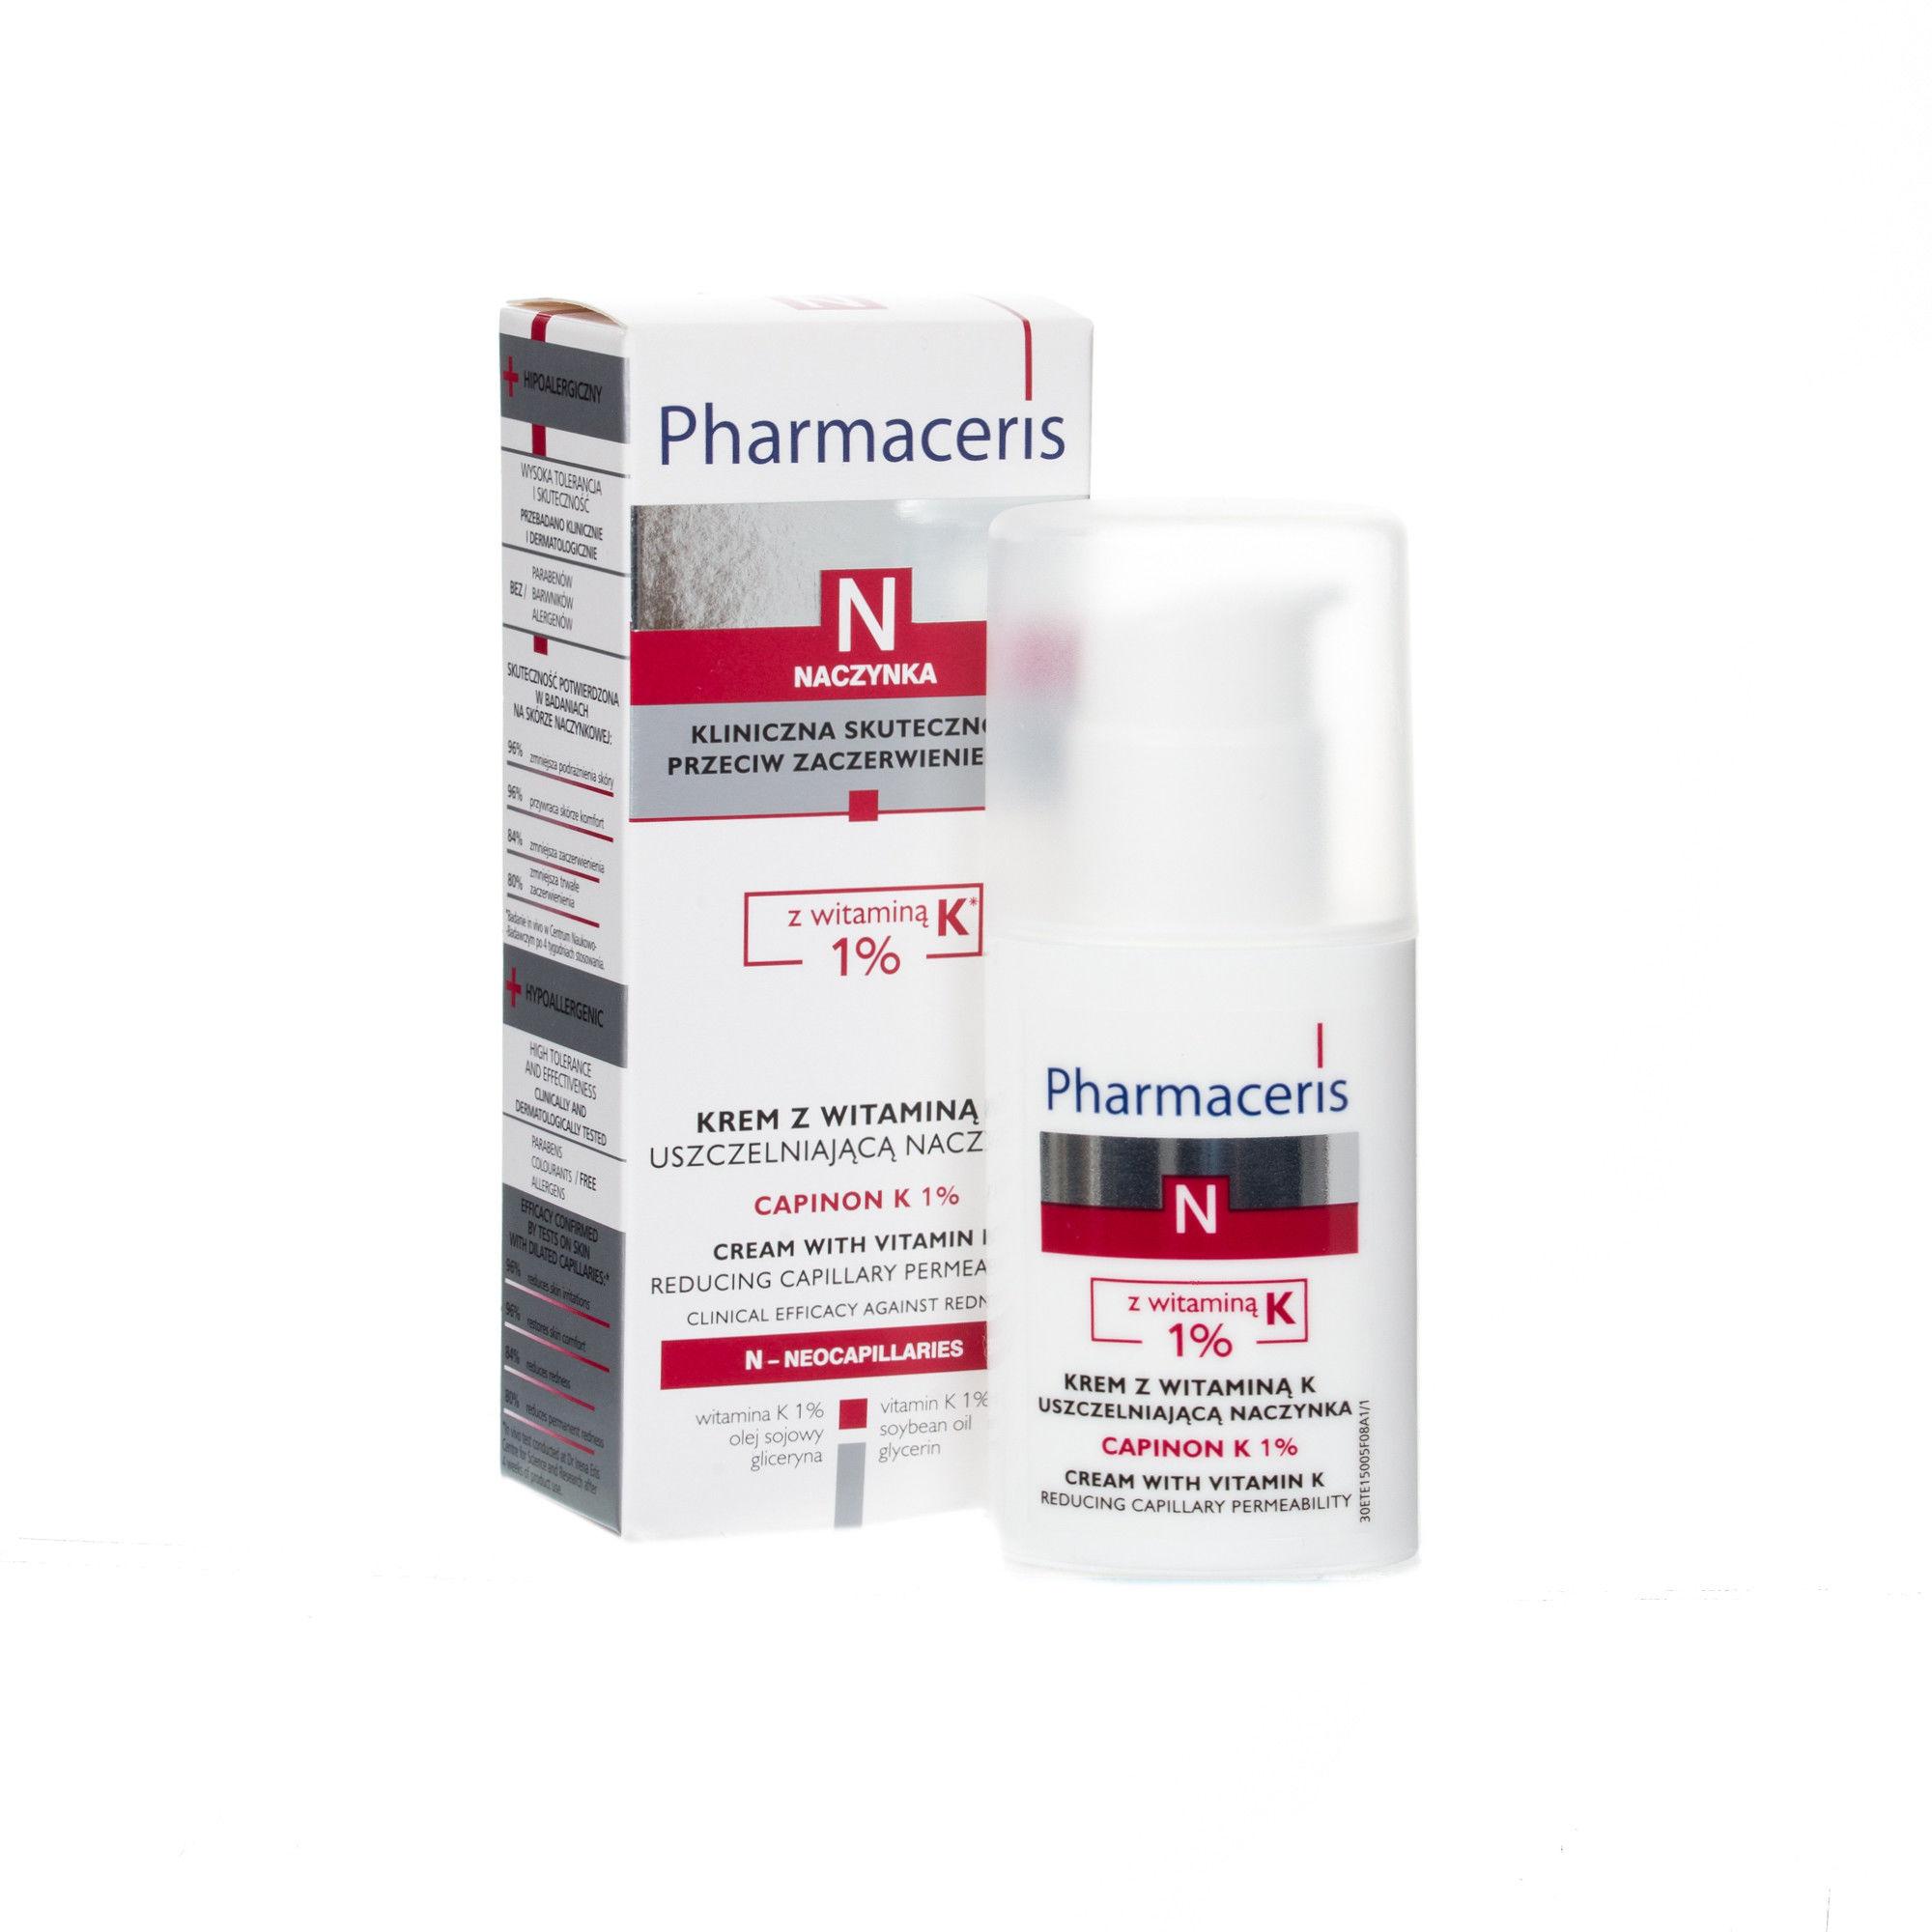 Pharmaceris N capinon K1% krem z witaminą K uszczelniający naczynka 30 ml